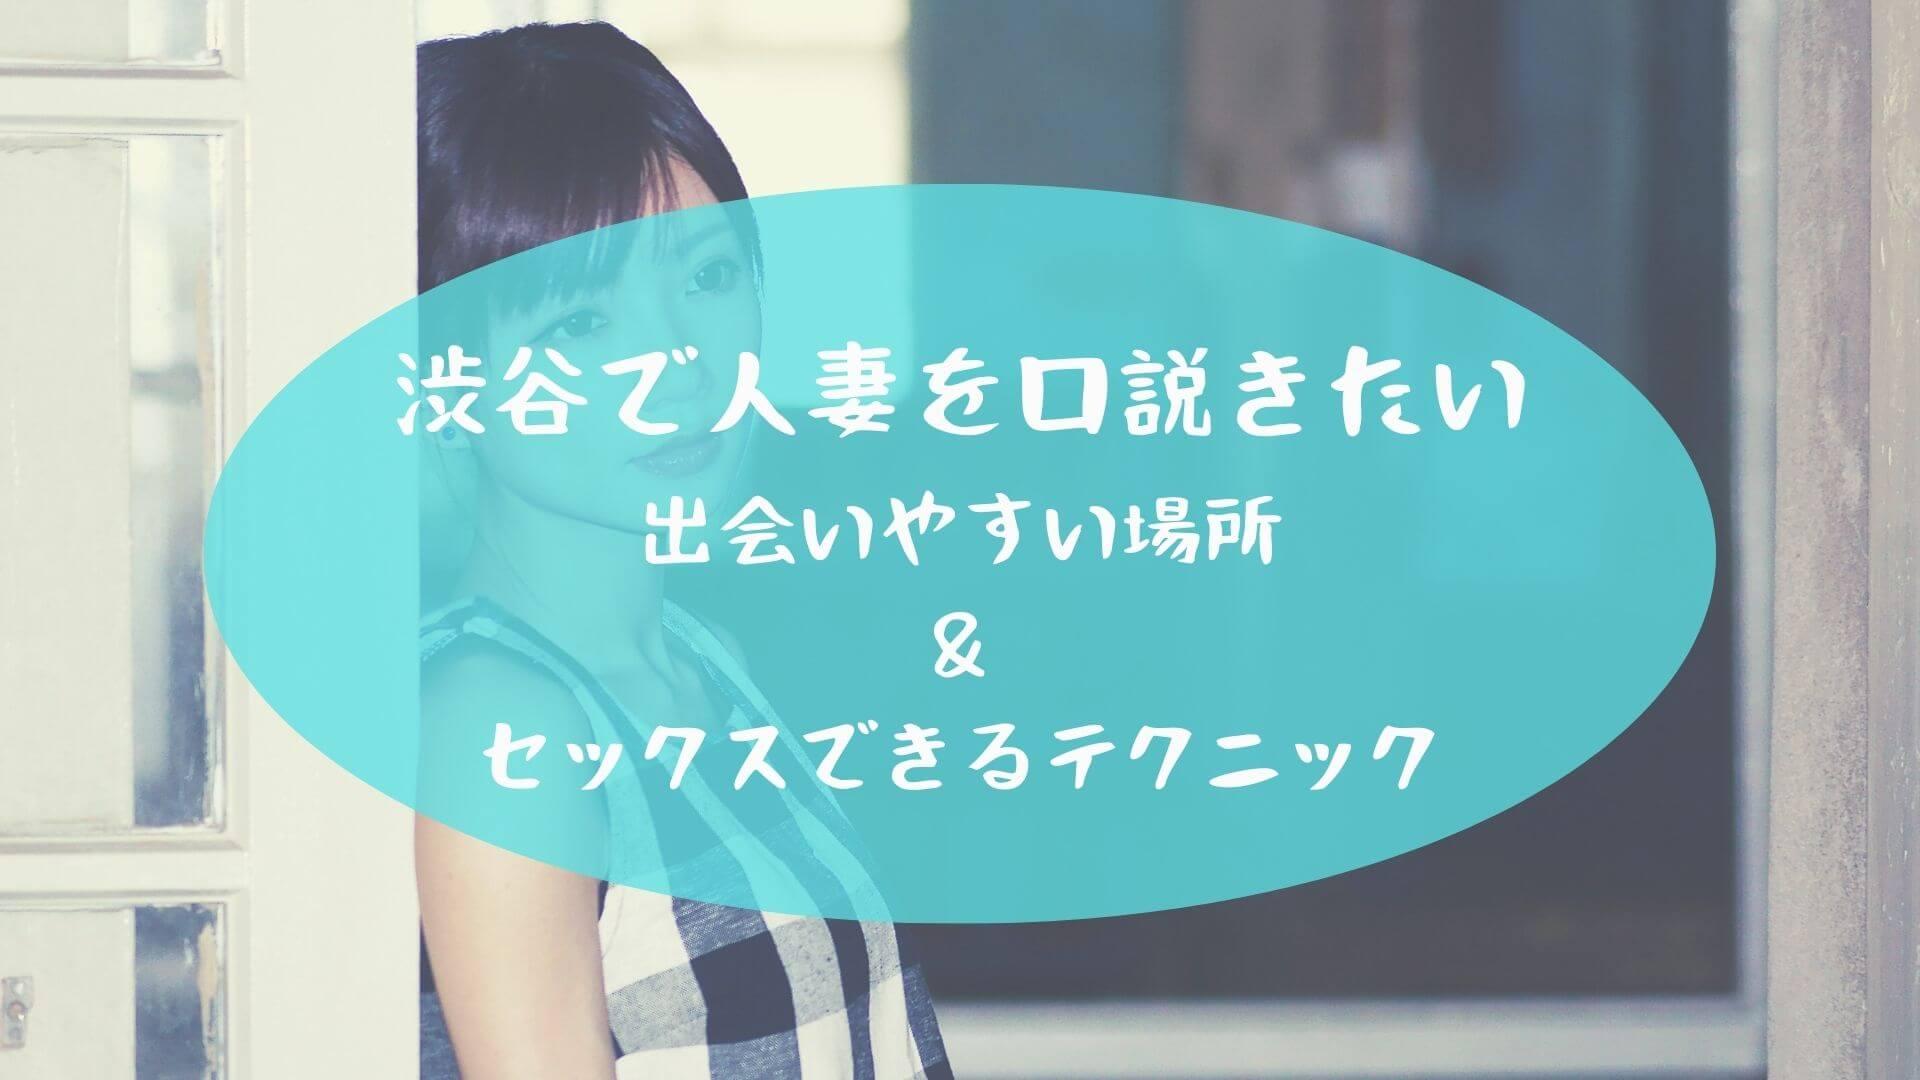 渋谷人妻アイキャッチ